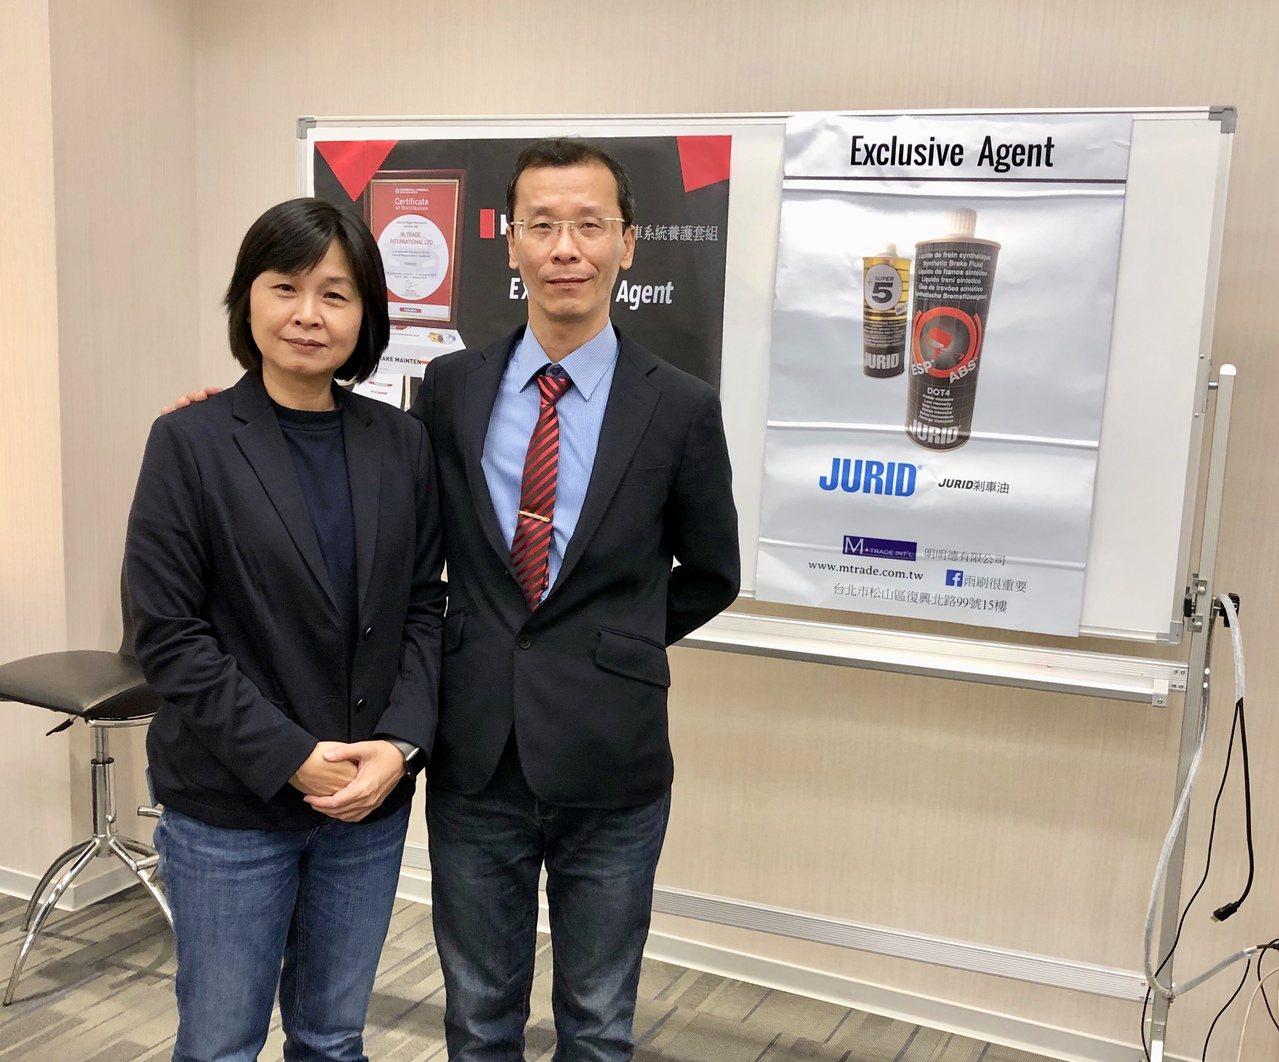 明明德總經理李怡峰(左)與美商輝門台灣區總經理郭建興(右)共同宣布,將合作推動建...